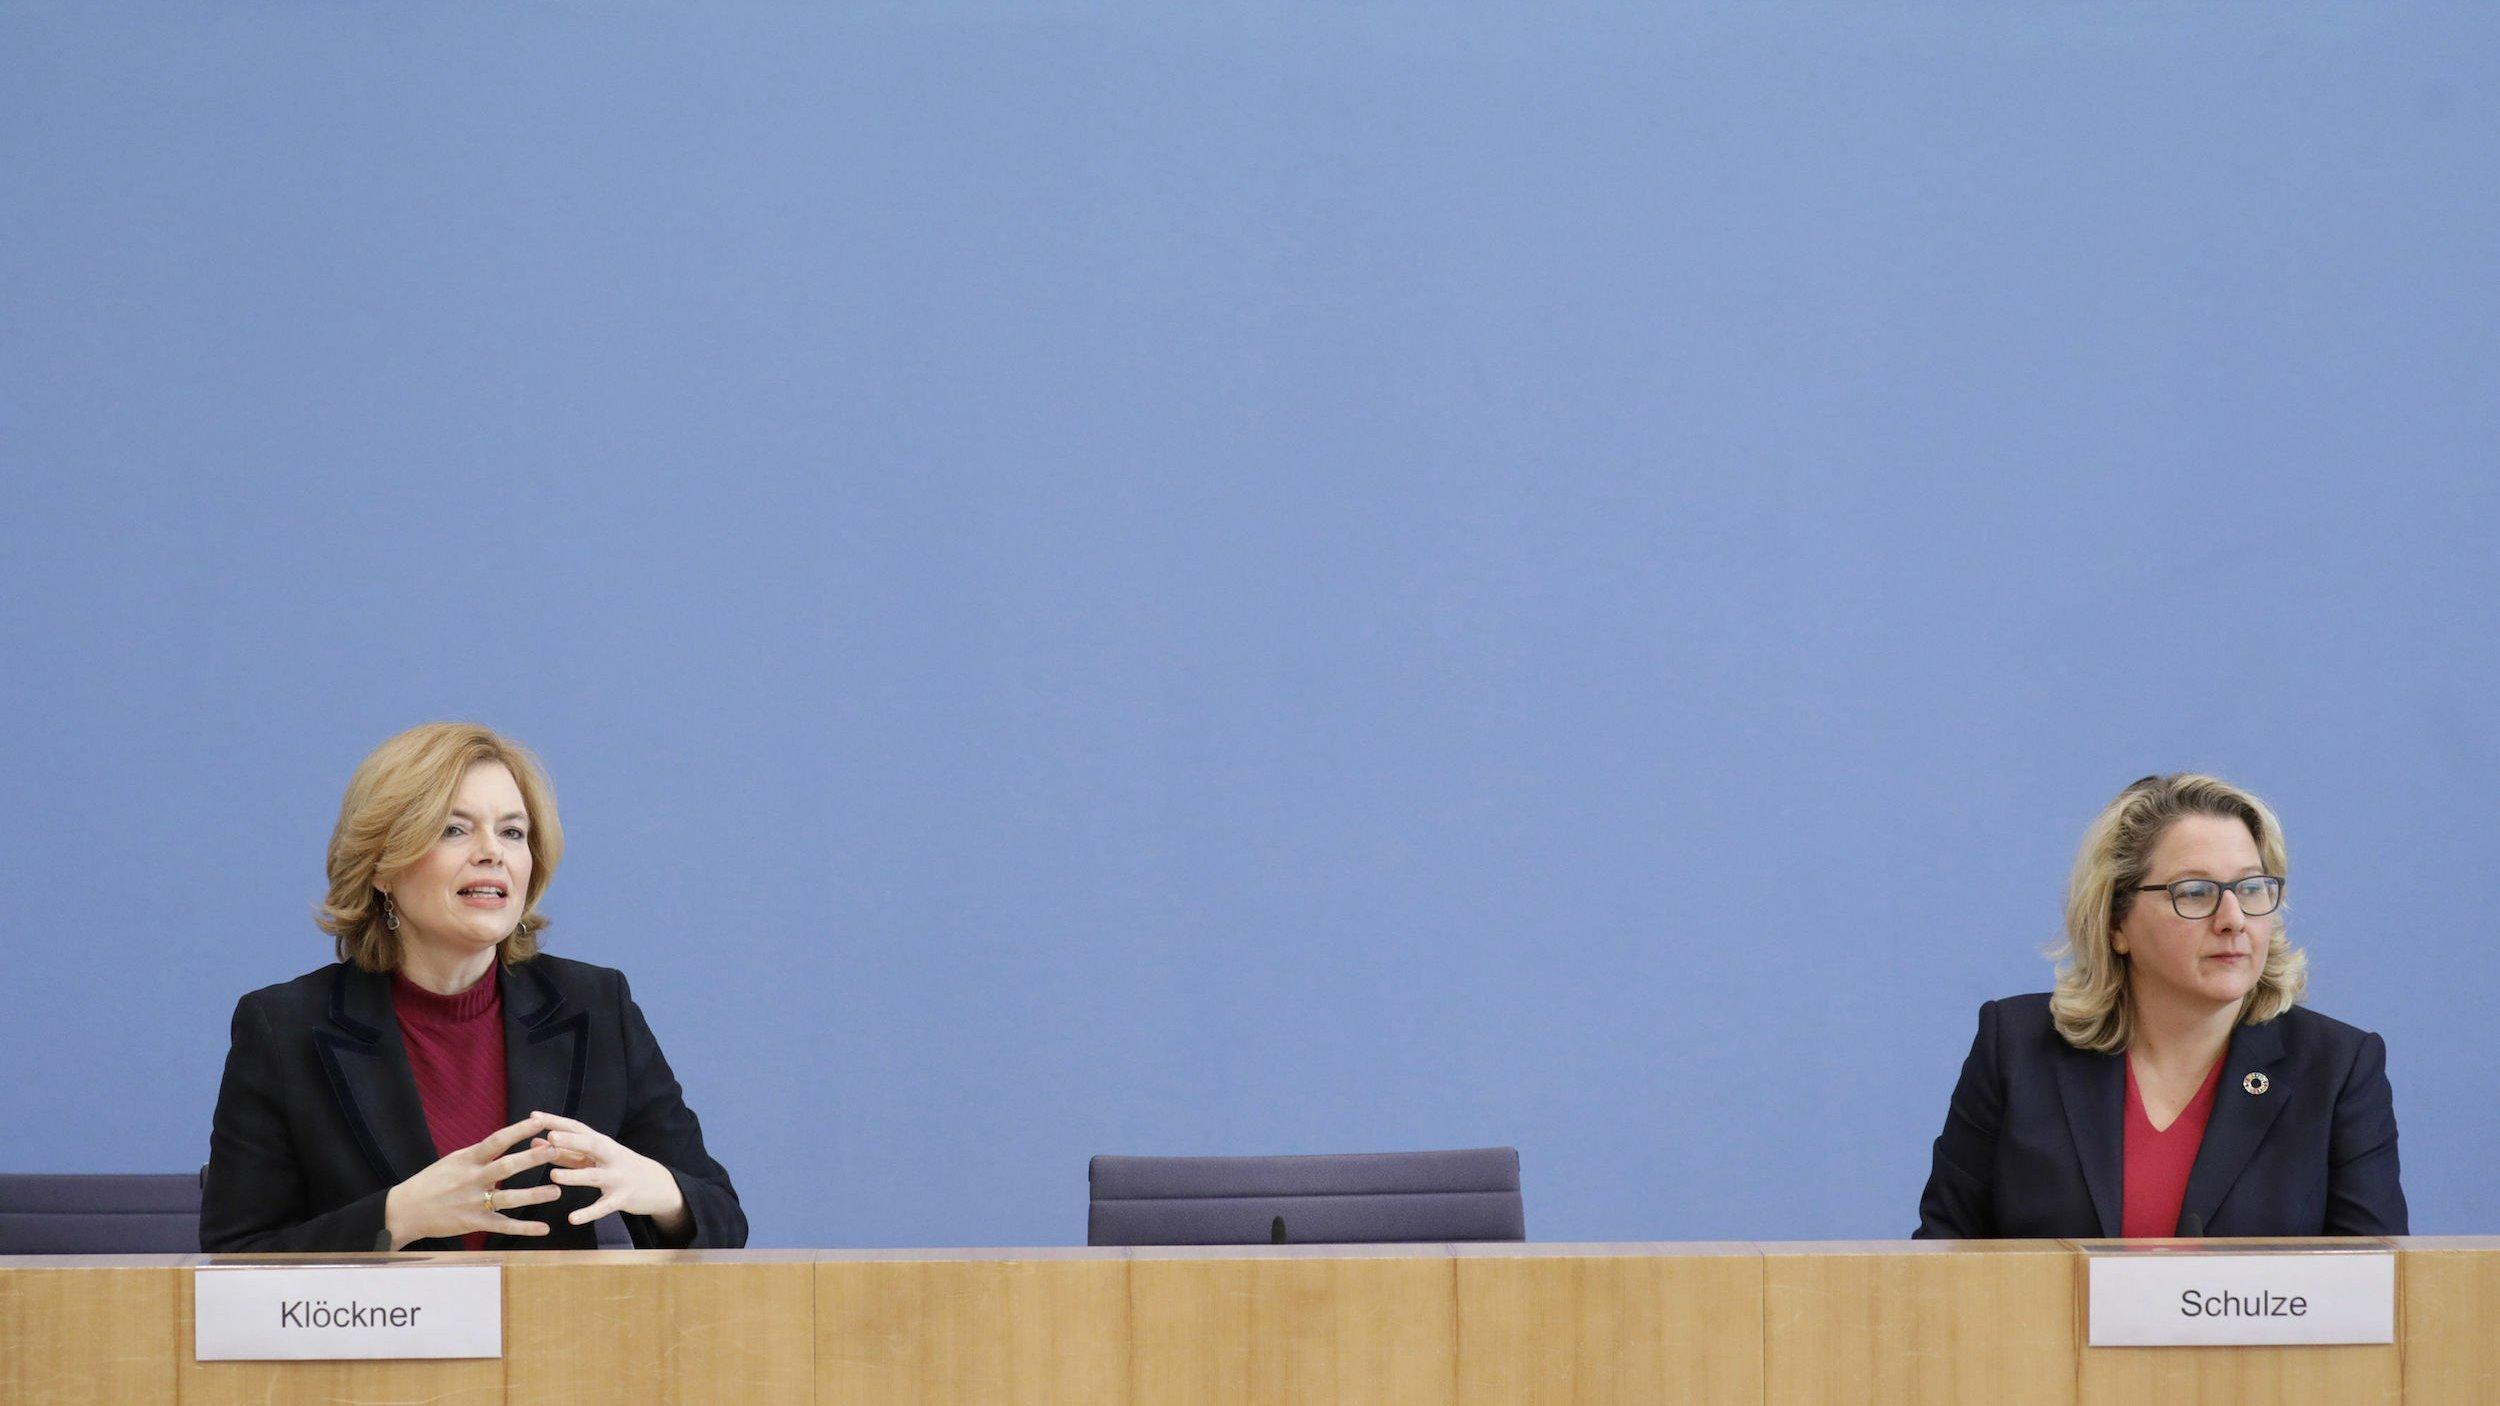 Klöckner und Schulze sitzen mit erheblicher Distanz bei einer Pressekonferenz, Schulze schaut von Klöckner weg,